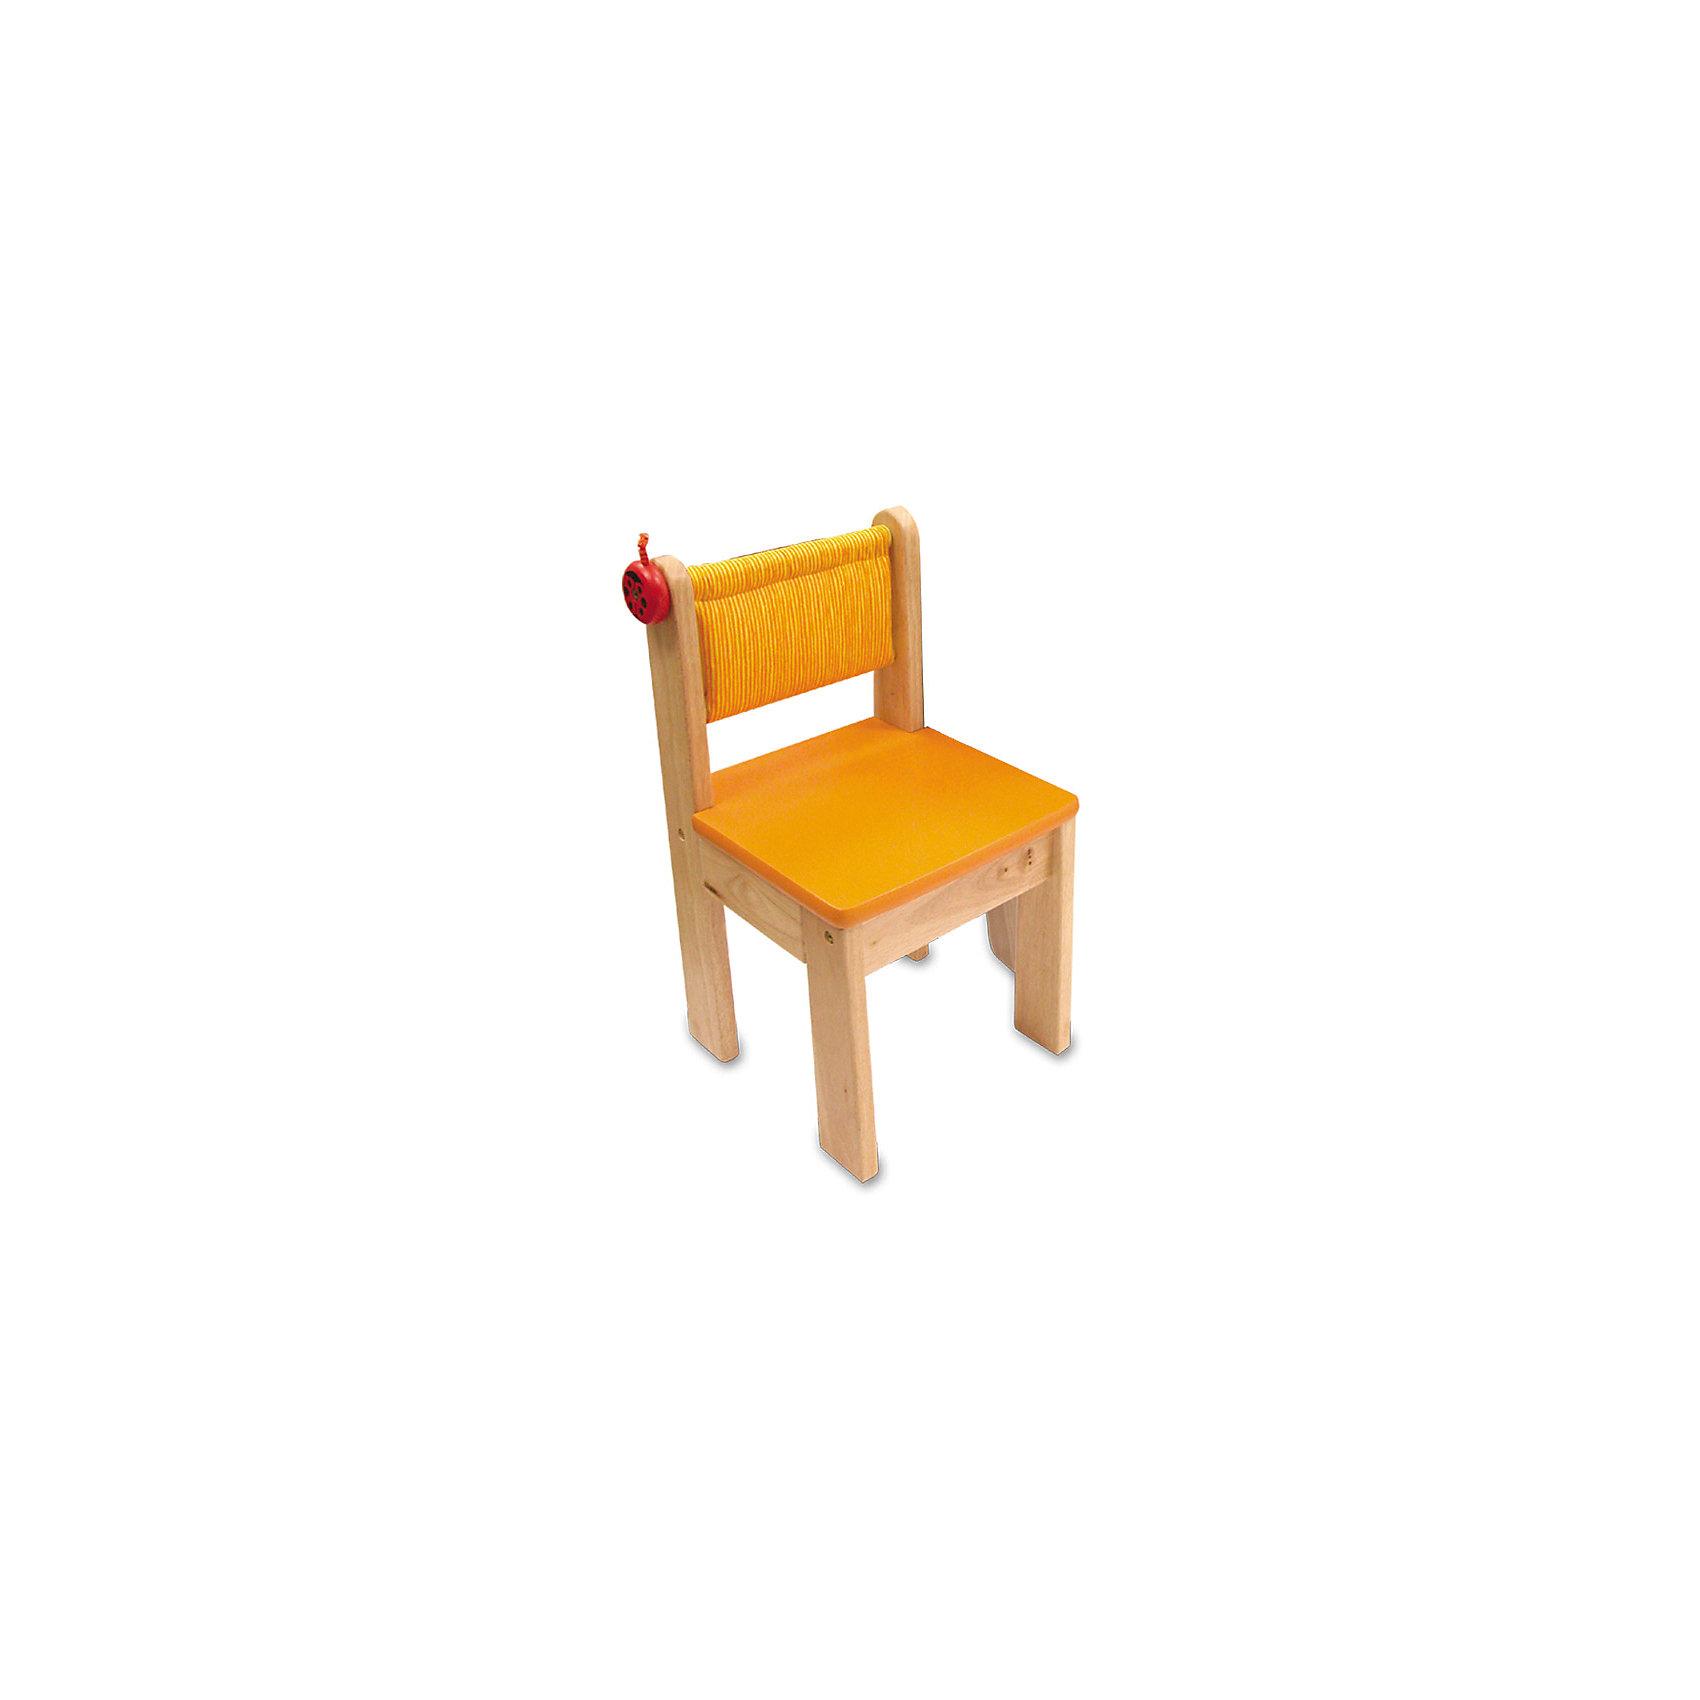 Стульчик, Im Toy, оранжевыйМебель<br>Стульчик, Im Toy, оранжевый.<br><br>Характеристики:<br><br>• Для детей в возрасте: от 3 до 6 лет<br>• Материал: древесина, текстиль<br>• Цвет: оранжевый<br>• Размеры сидения: 31 x 31 см.<br>• Высота сидения от пола: 30 см.<br>• Высота спинки: 56 см.<br>• Размер стульчика: 31 x 31 x 56 см.<br>• Размер упаковки: 32 x 8 x 58 см.<br>• Вес: 3,7 кг.<br><br>Удобный и функциональный стульчик классического дизайна замечательно подойдёт для занятий за детским столиком. У стульчика удобная спинка, устойчивая конструкция, широкие ножки и безопасные закруглённые углы. Спинка стульчика обтянута тканевым чехлом с мягкой набивкой (набивка синтетическое волокно), задняя часть чехла имеет удобный вместительный кармашек для хранения мелких предметов. При необходимости чехол легко снимается. Сбоку стульчика расположен крючок в виде забавной божьей коровки. Стульчик изготовлен из ценных пород древесины, окрашен безопасными красками.<br><br>Стульчик, Im Toy, оранжевый можно купить в нашем интернет-магазине.<br><br>Ширина мм: 31<br>Глубина мм: 31<br>Высота мм: 56<br>Вес г: 3700<br>Возраст от месяцев: 36<br>Возраст до месяцев: 72<br>Пол: Унисекс<br>Возраст: Детский<br>SKU: 5543468